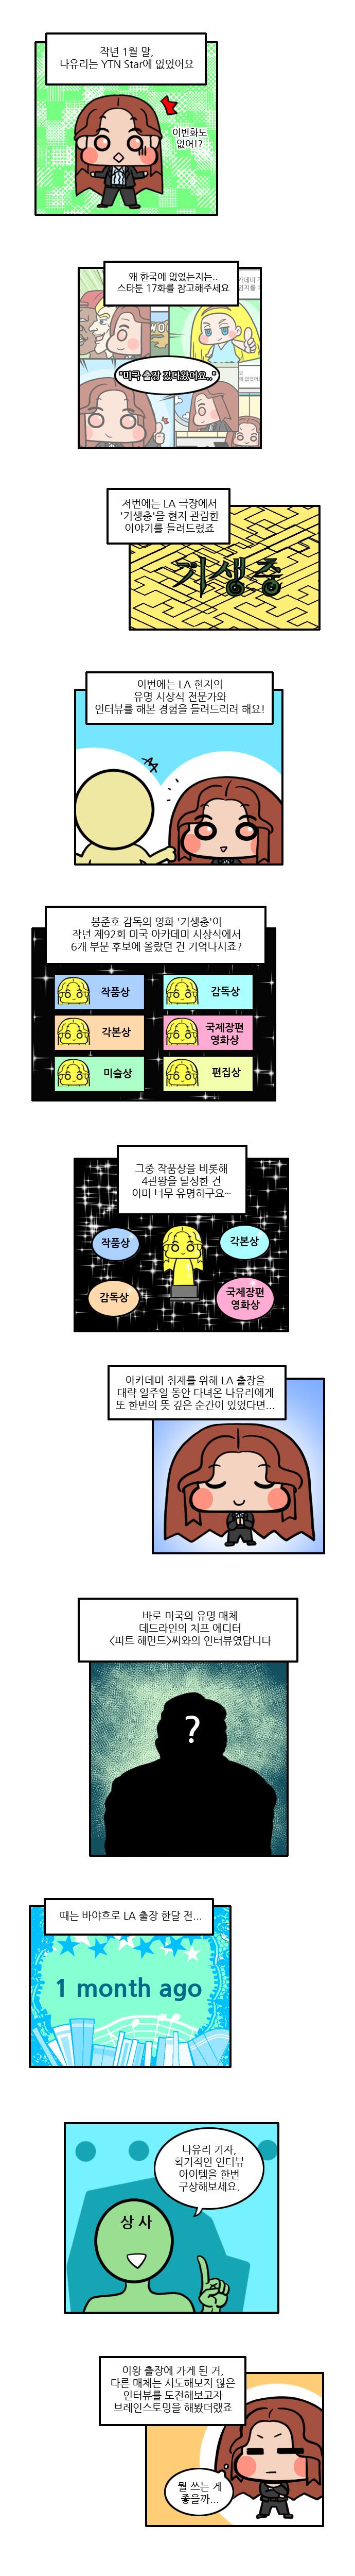 [스타툰] 20. LA가 반한 봉준호 감독의 덕후스런 매력이란?